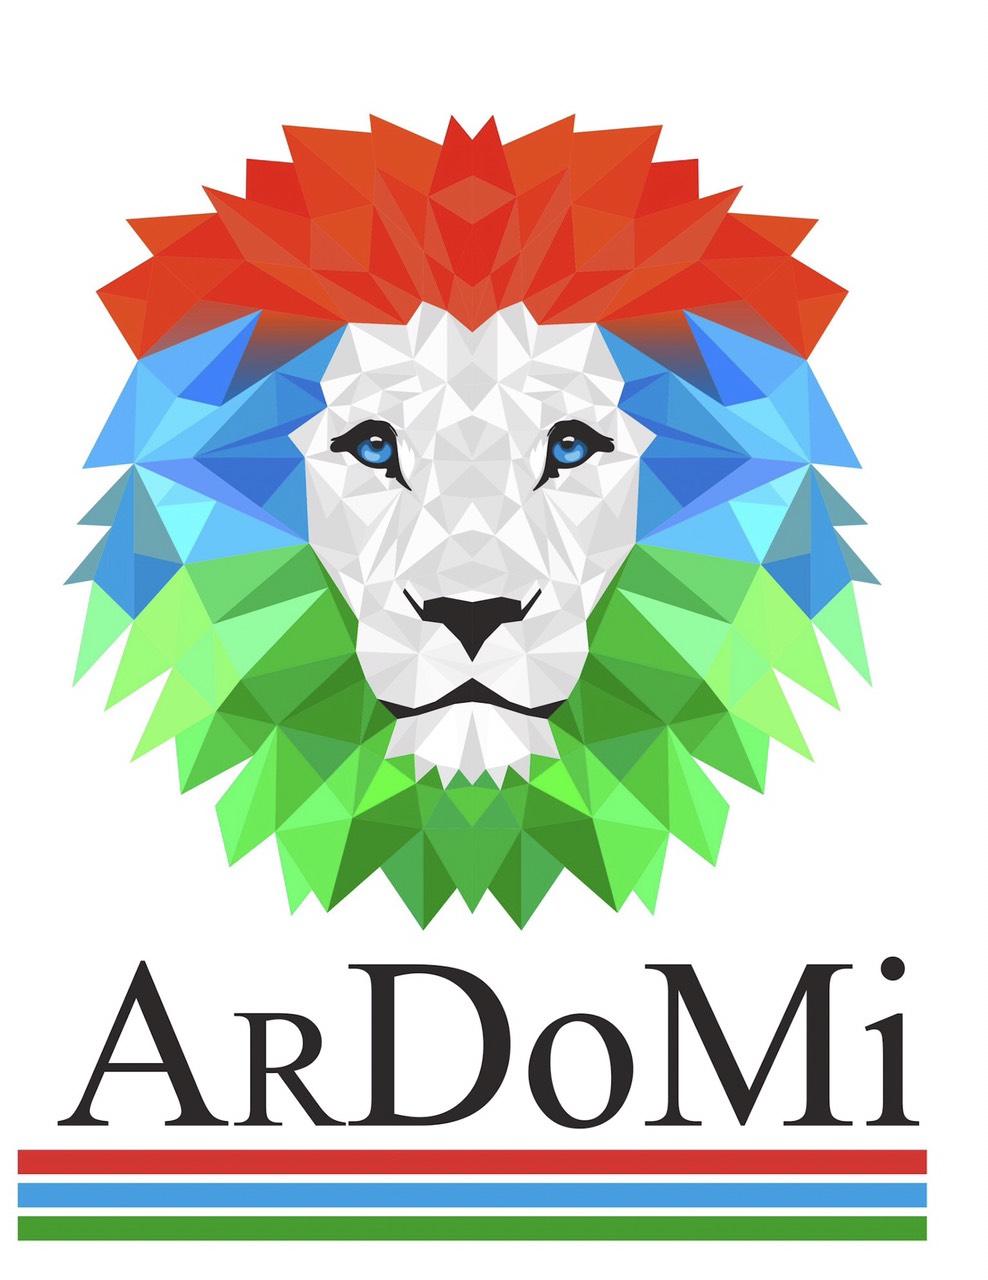 ArDoMi